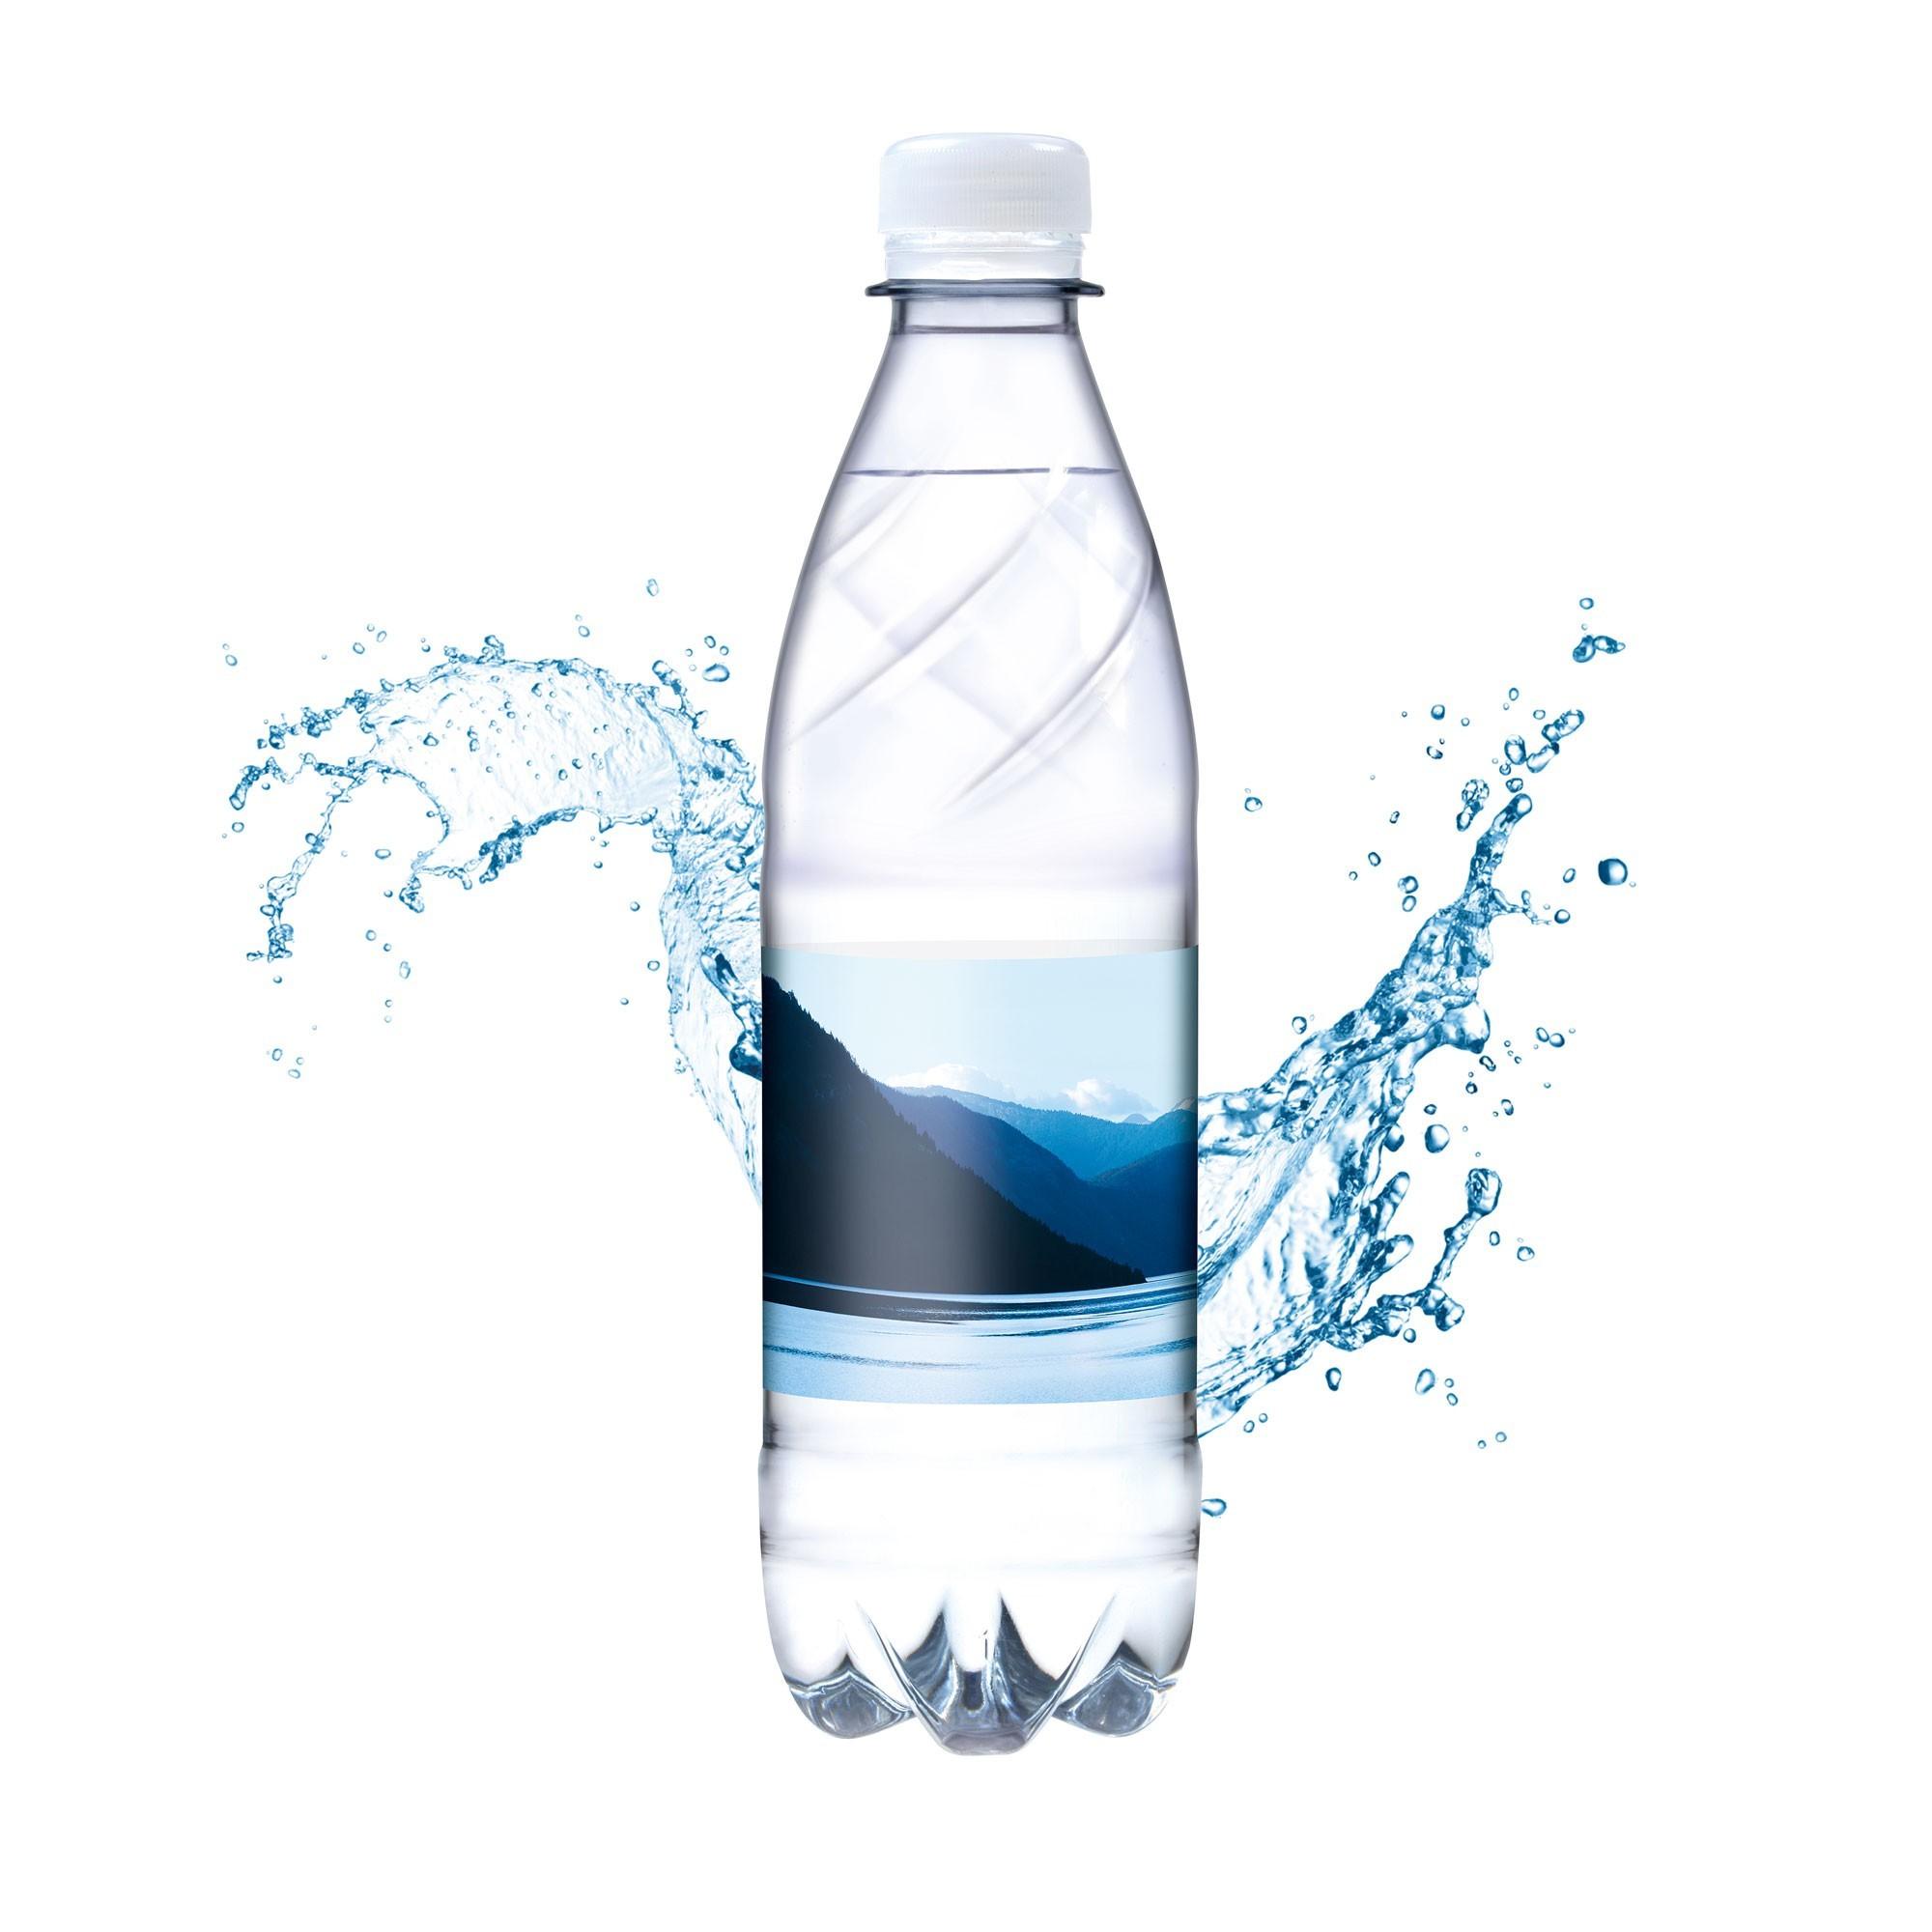 Tafelwasser, 500 ml (Flasche Budget)